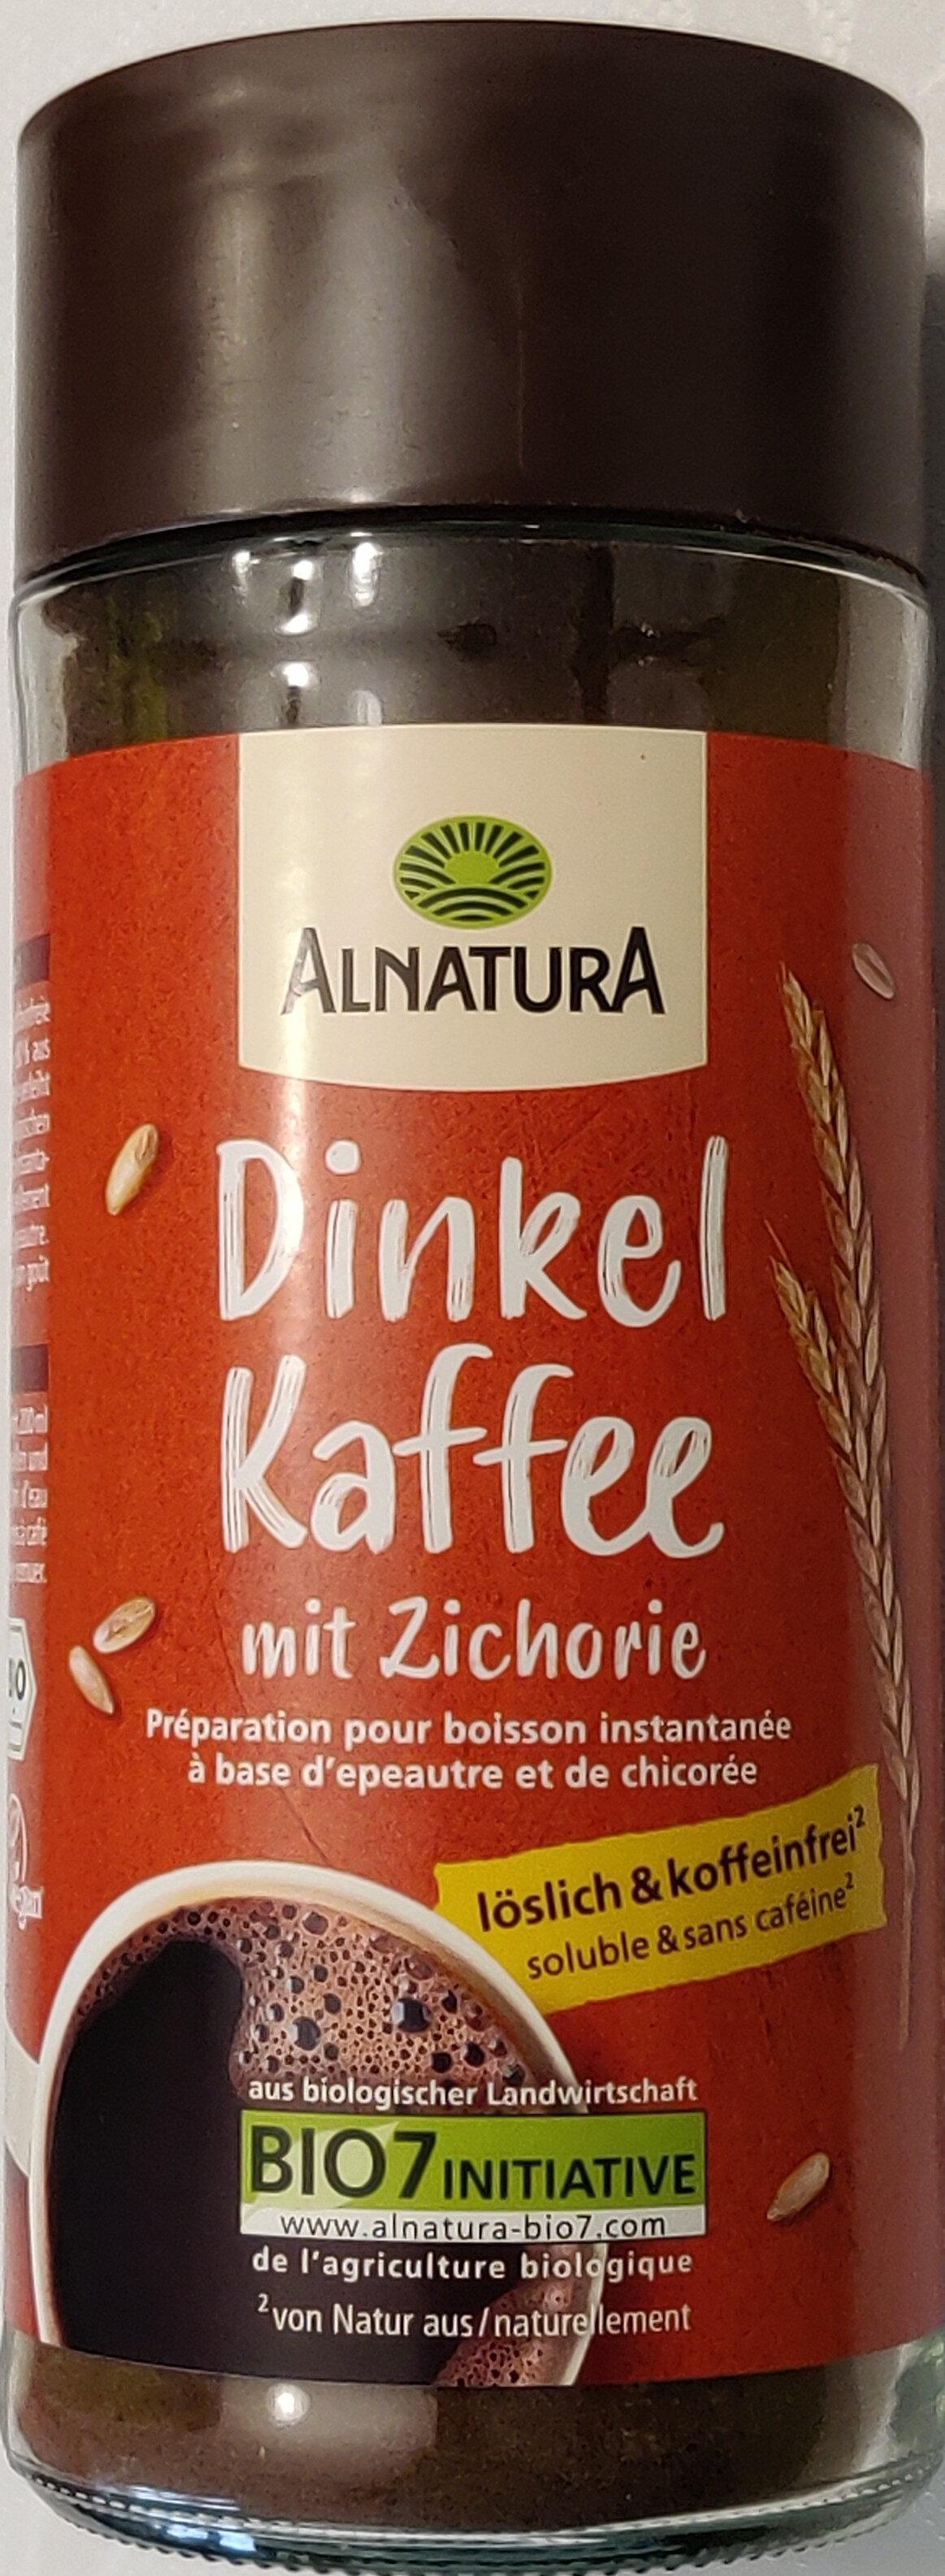 Dinkel Kaffee mit Zichorie - Prodotto - de